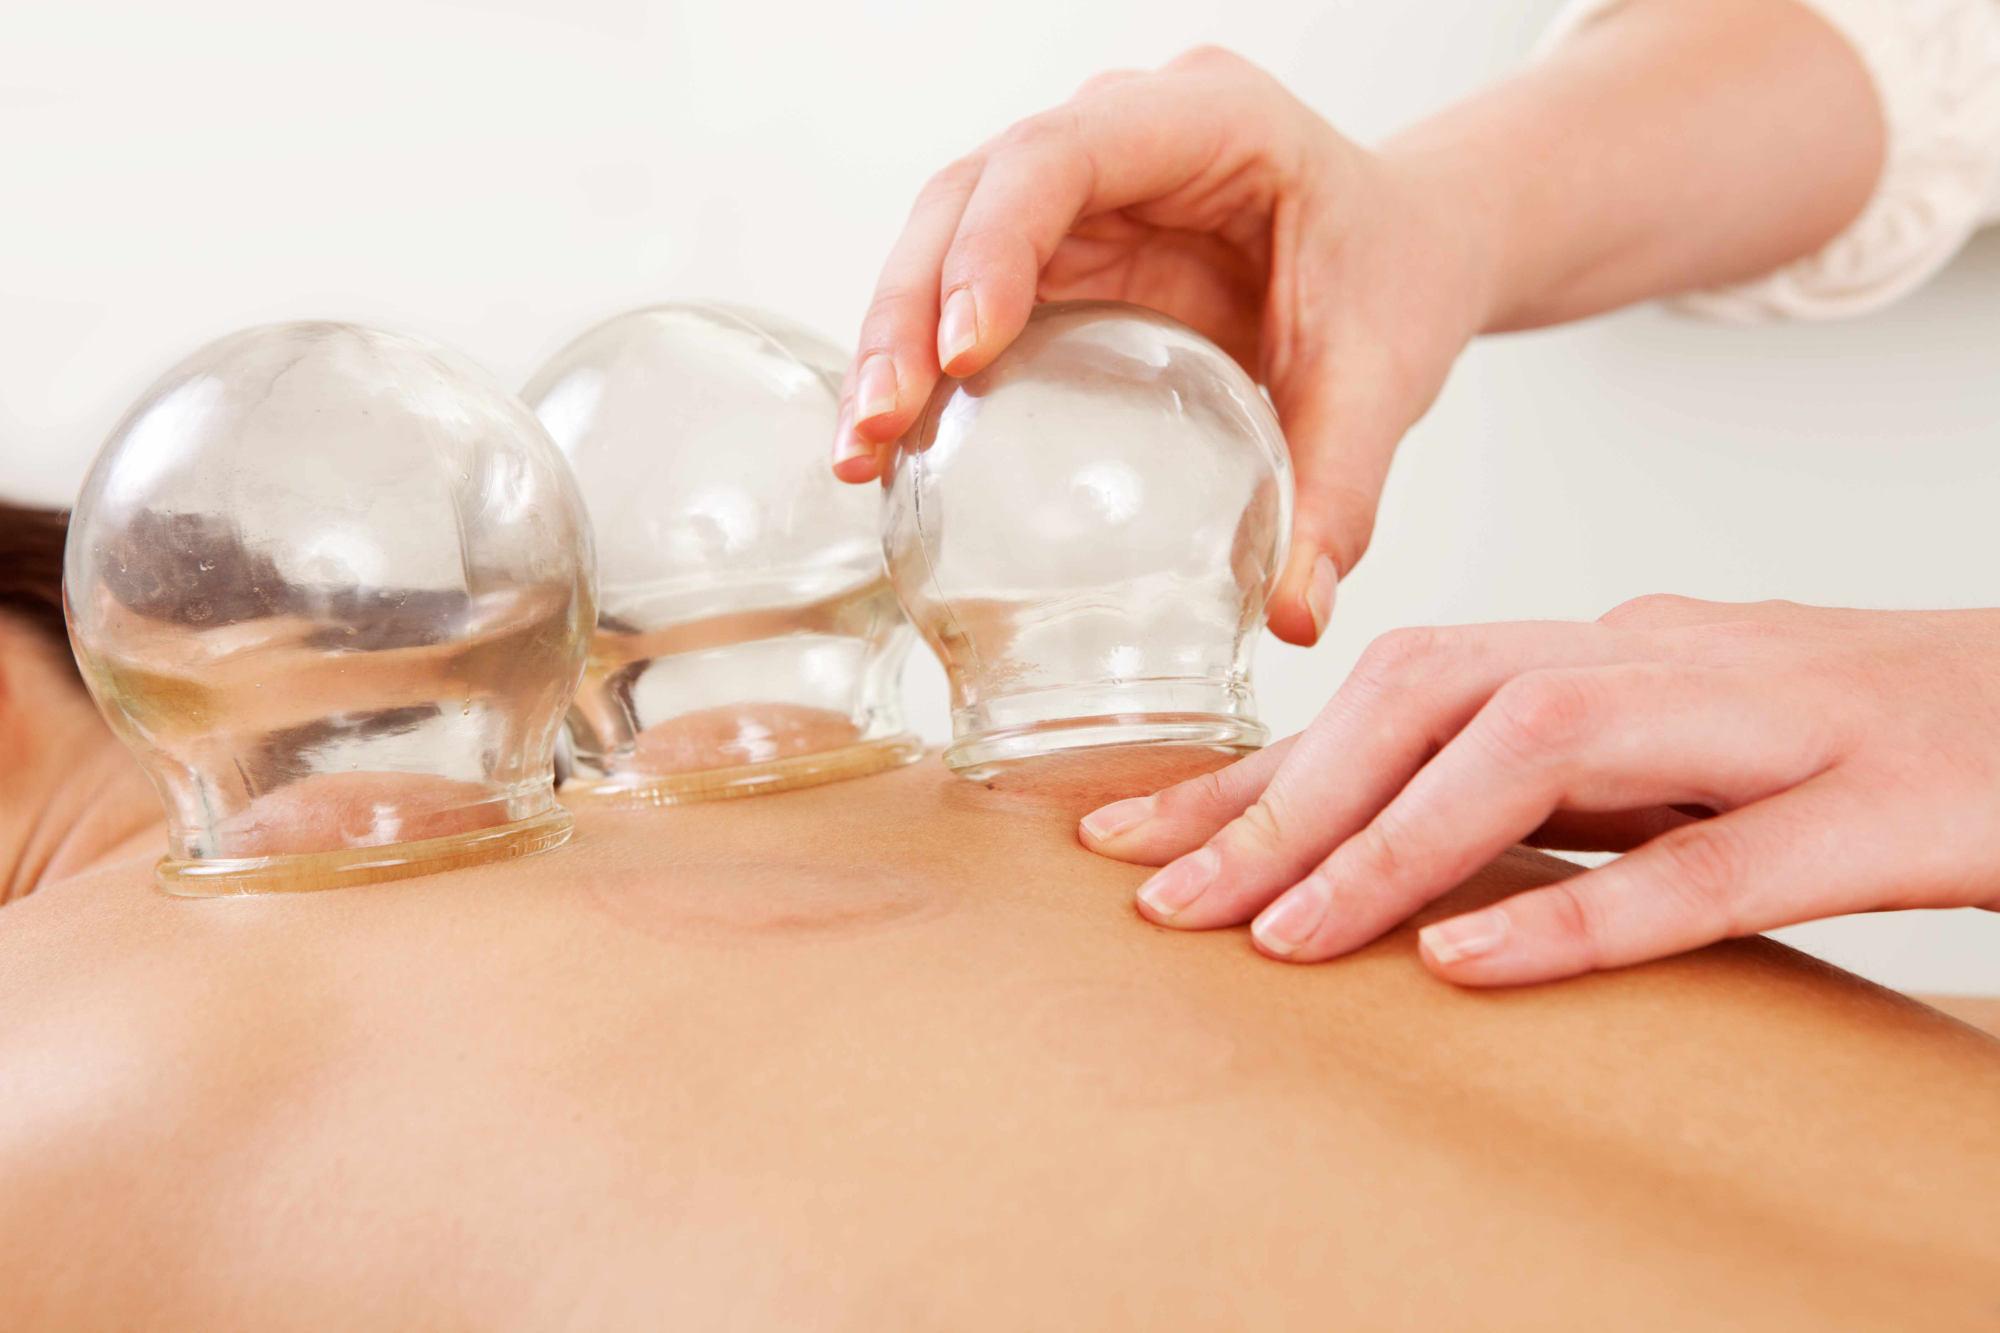 La cupping thérapie : comment ça marche ?